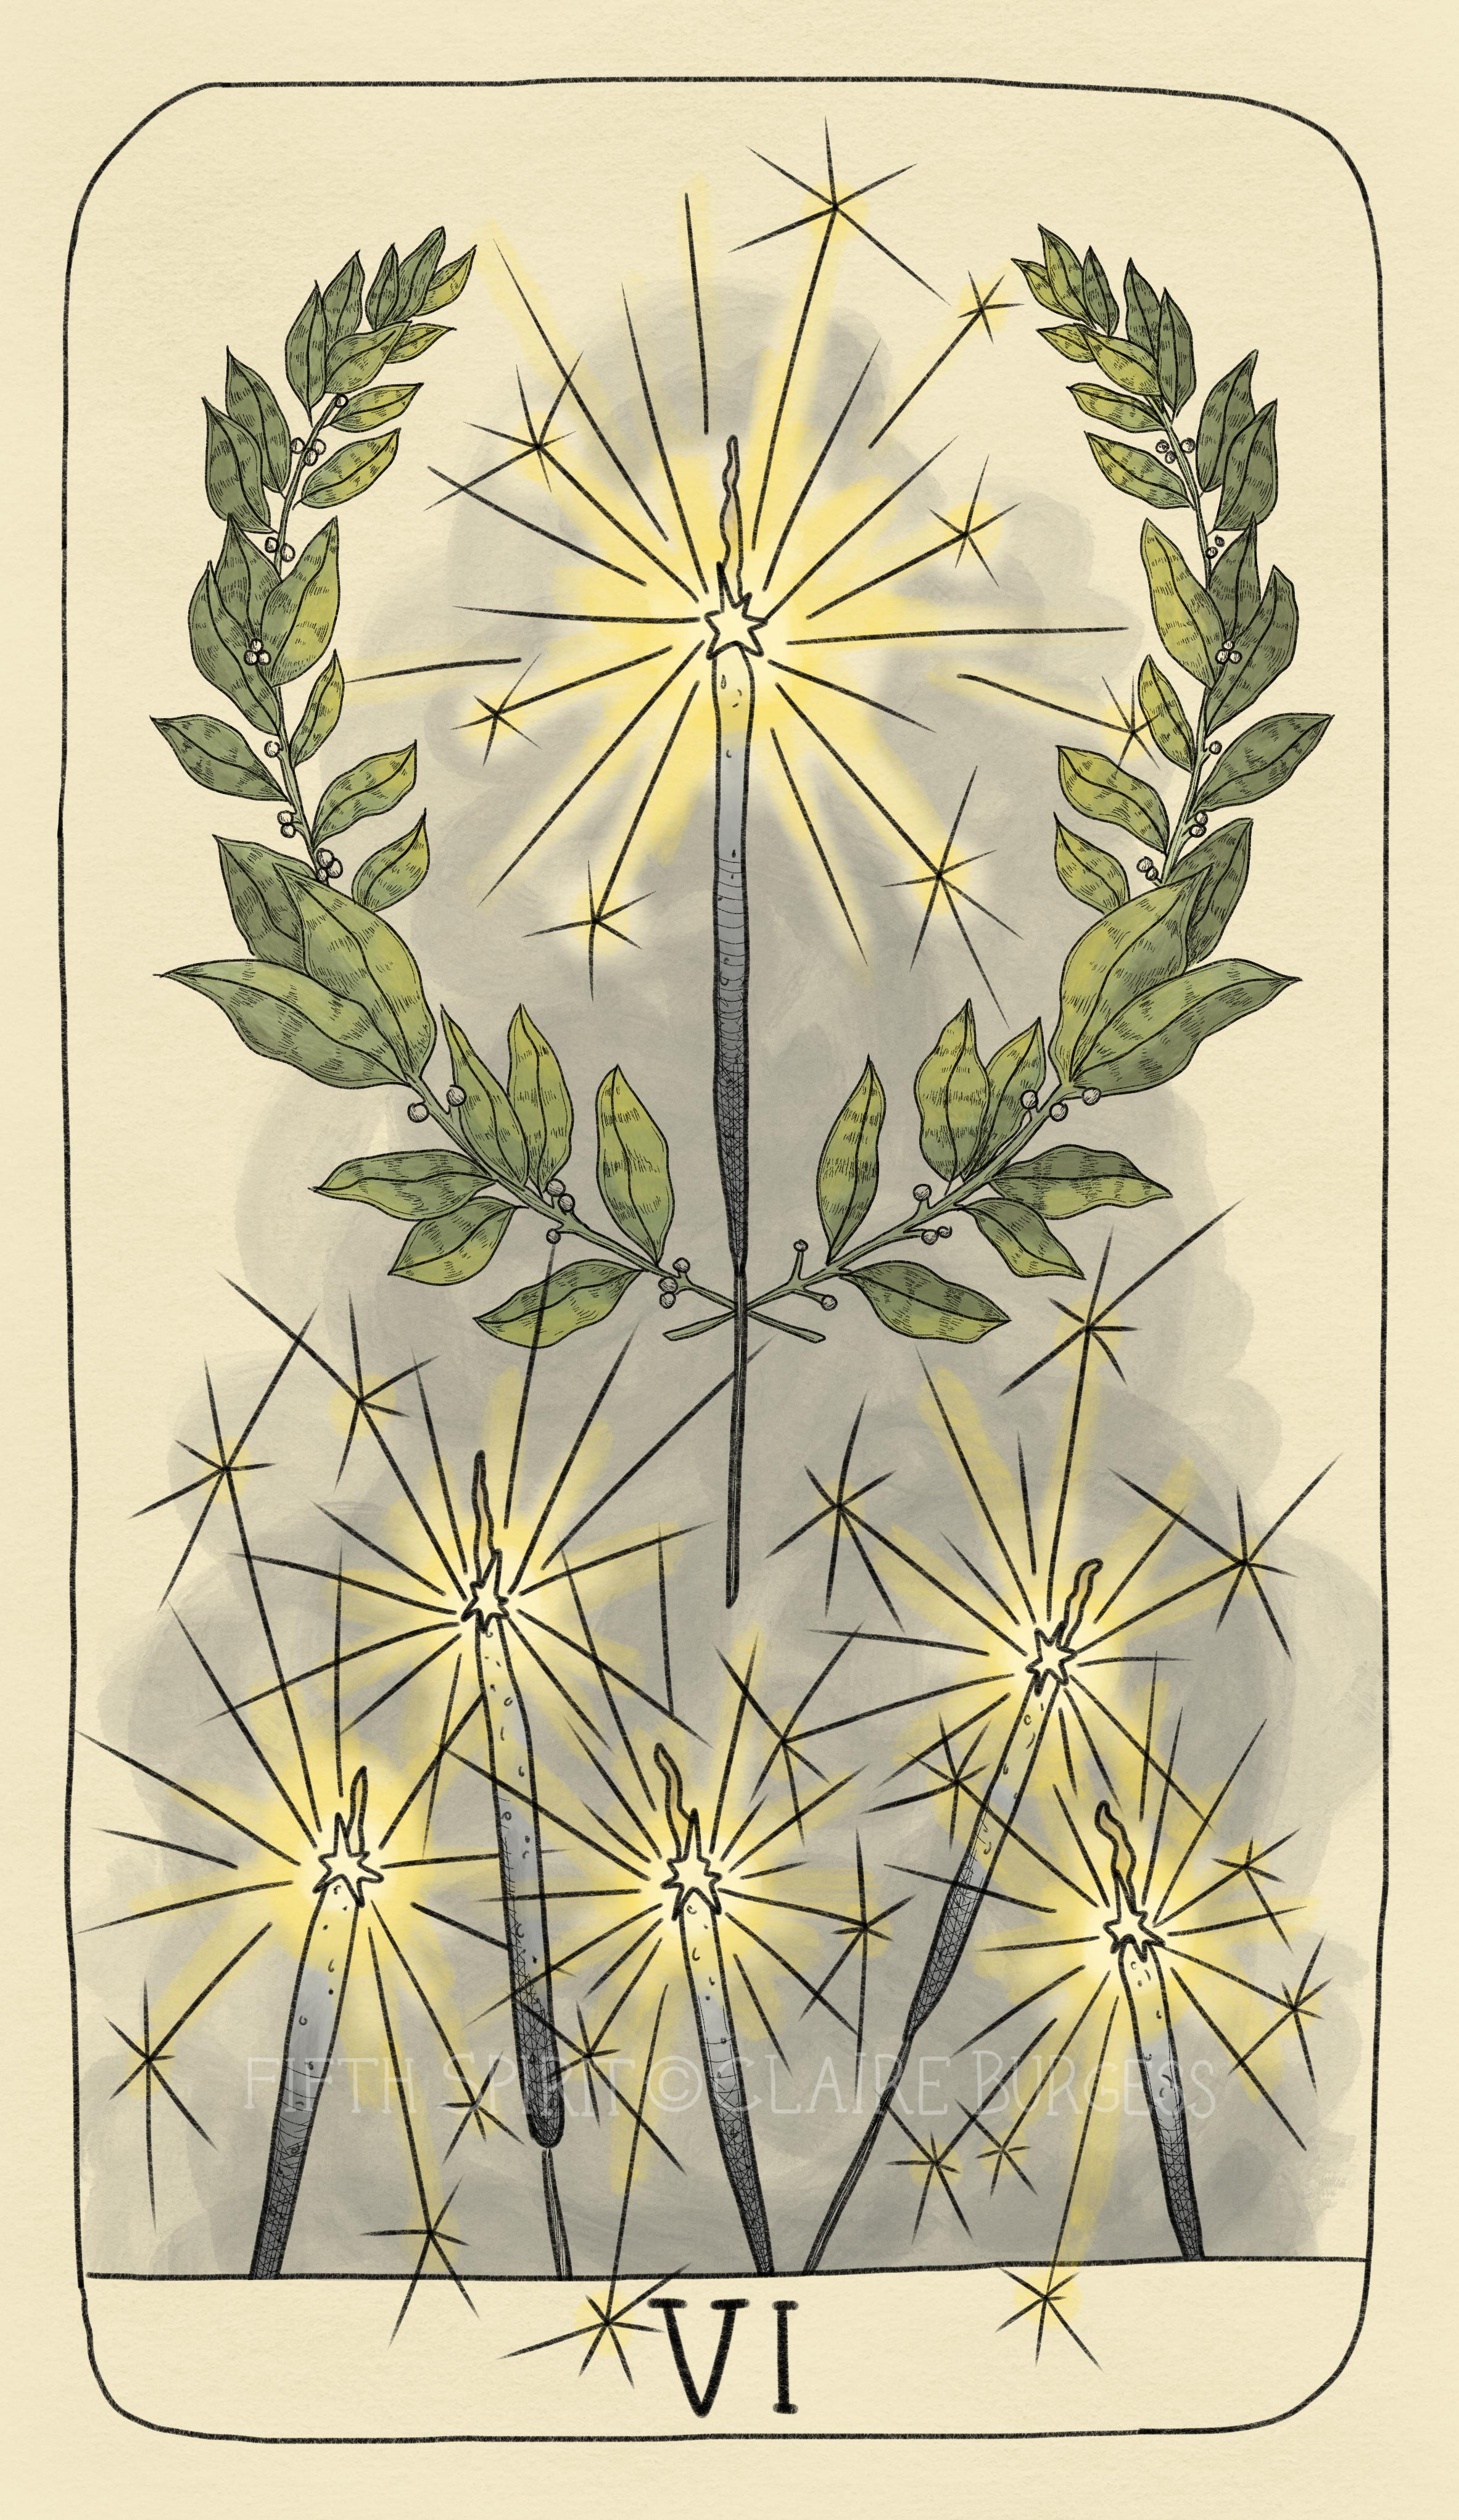 6 of Wands Fifth Spirit Tarot